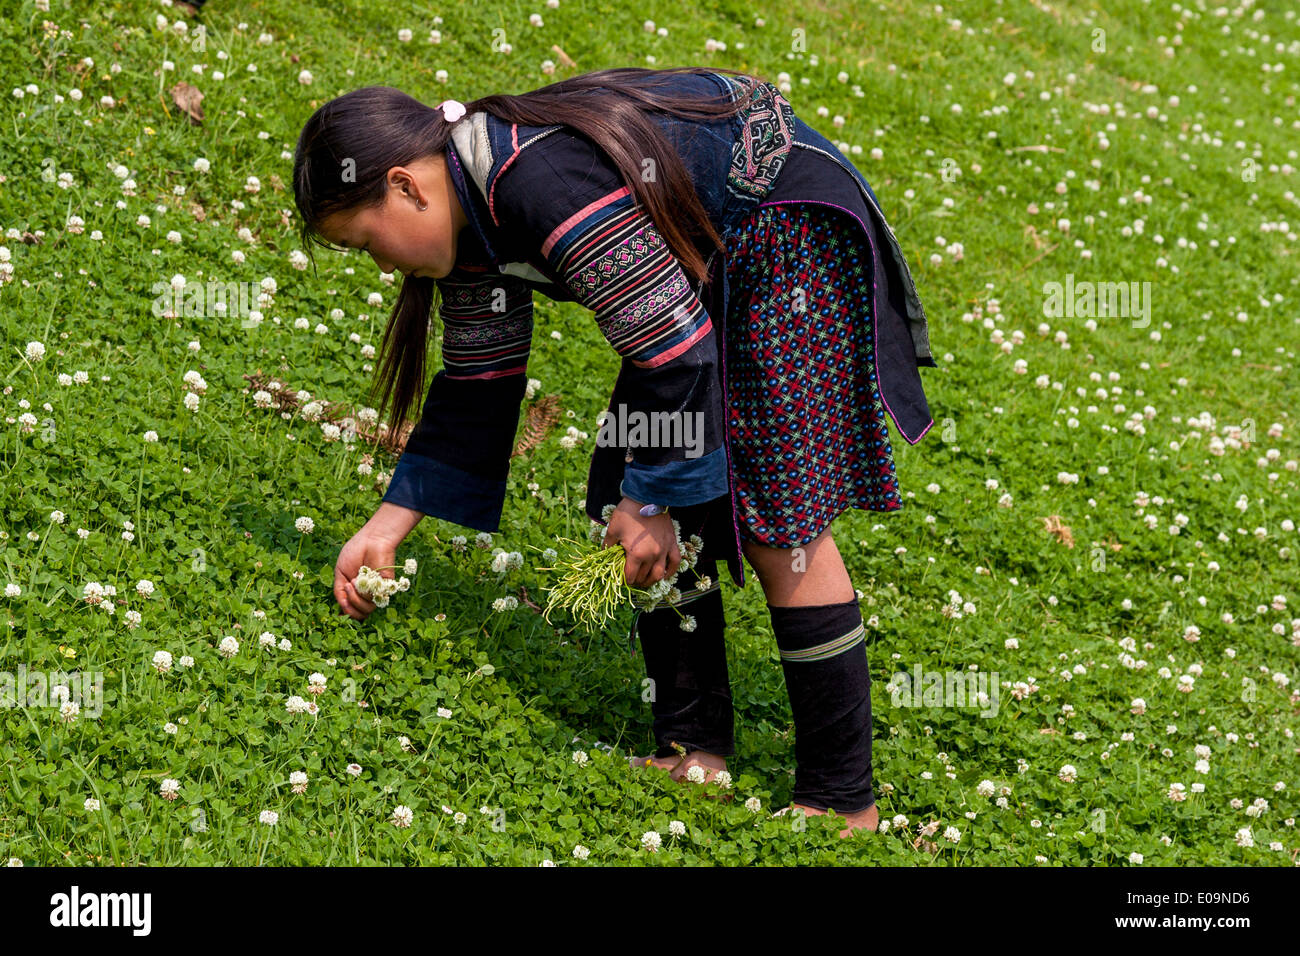 Los niños de la minoría Hmong negro recogiendo flores, Sa Pa, provincia de Lao Cai, Vietnam Imagen De Stock